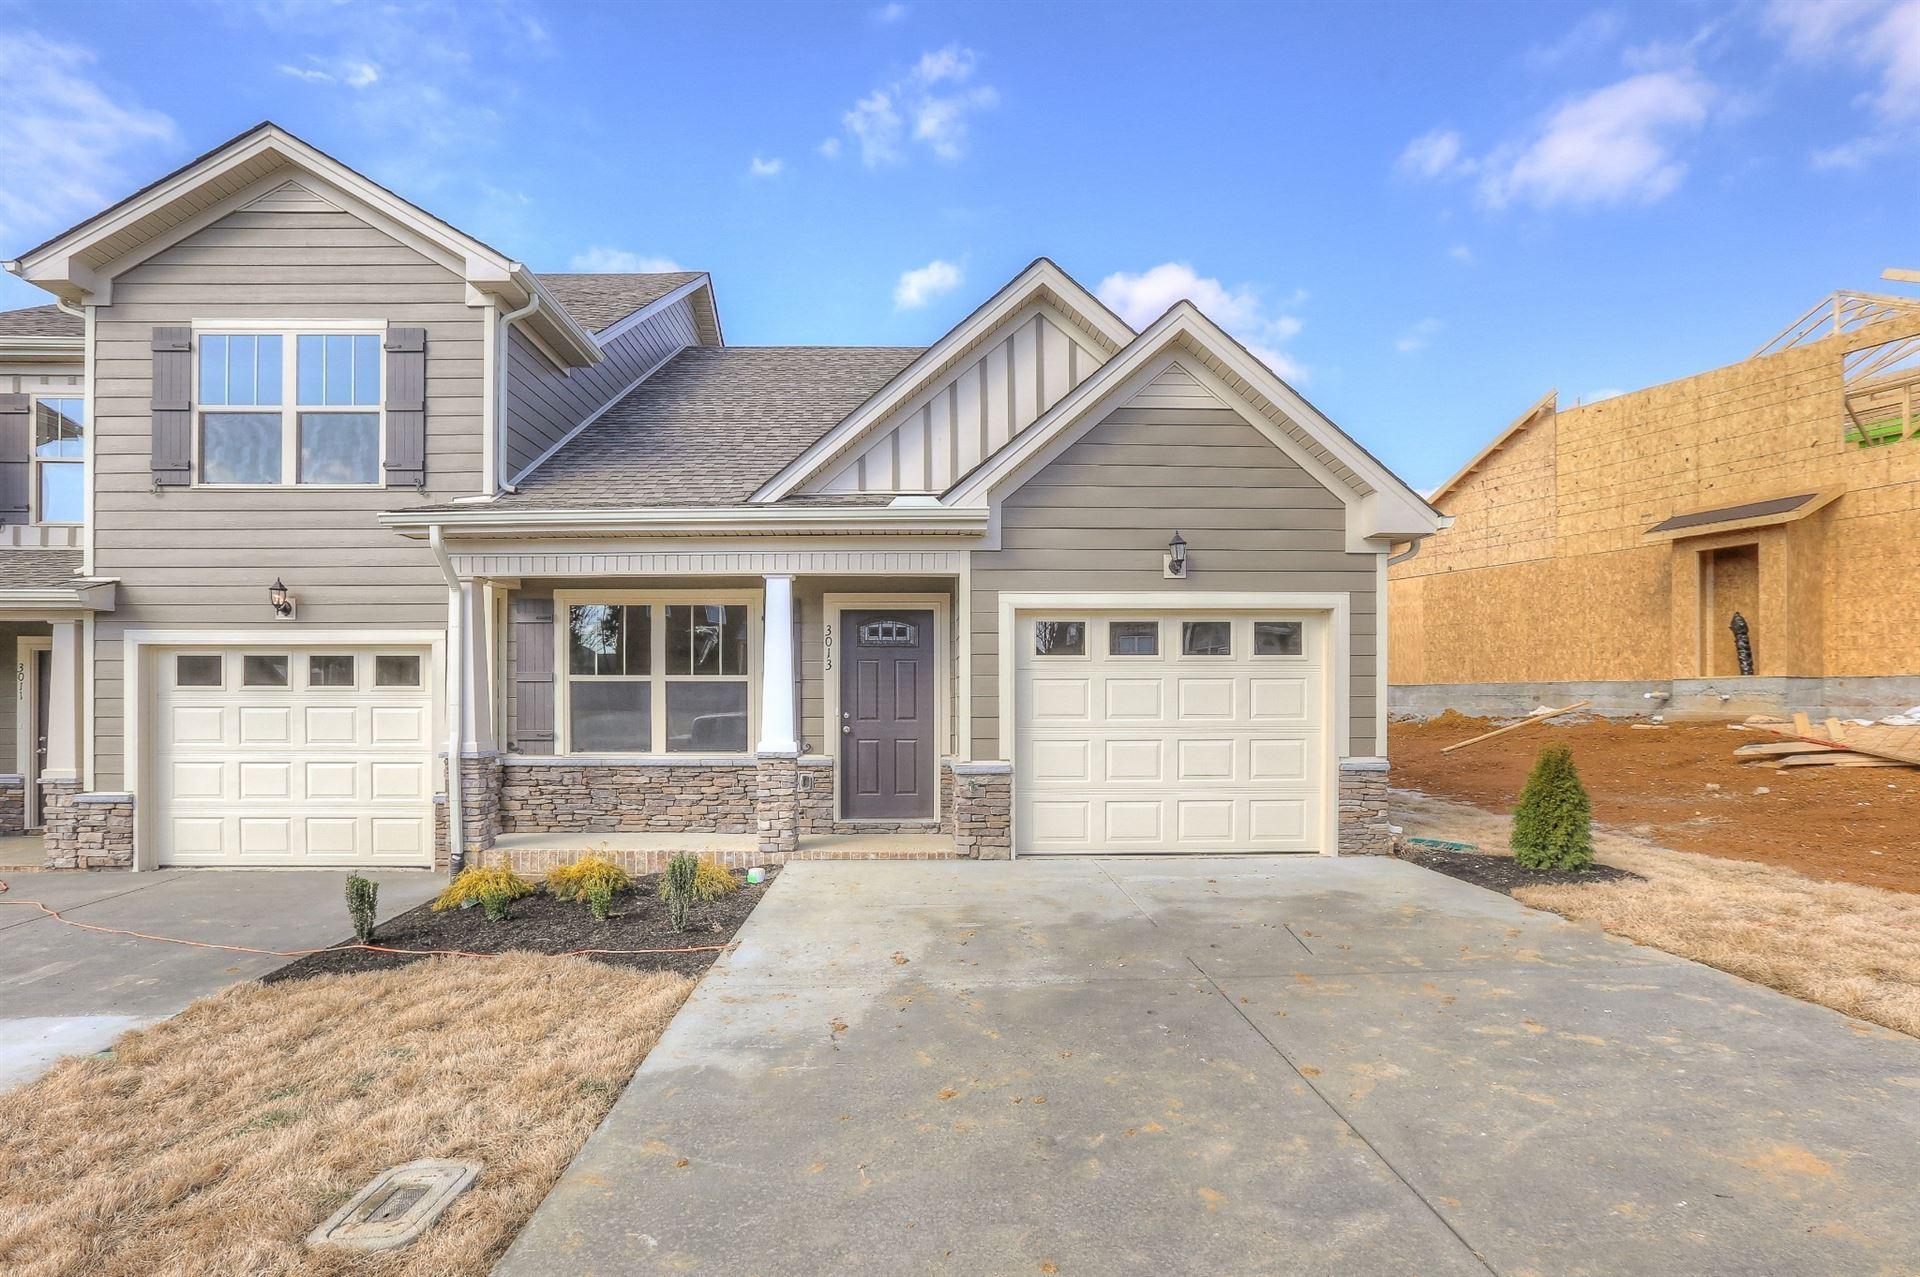 212 Ruth Way Lot 48, Spring Hill, TN 37174 - MLS#: 2202096